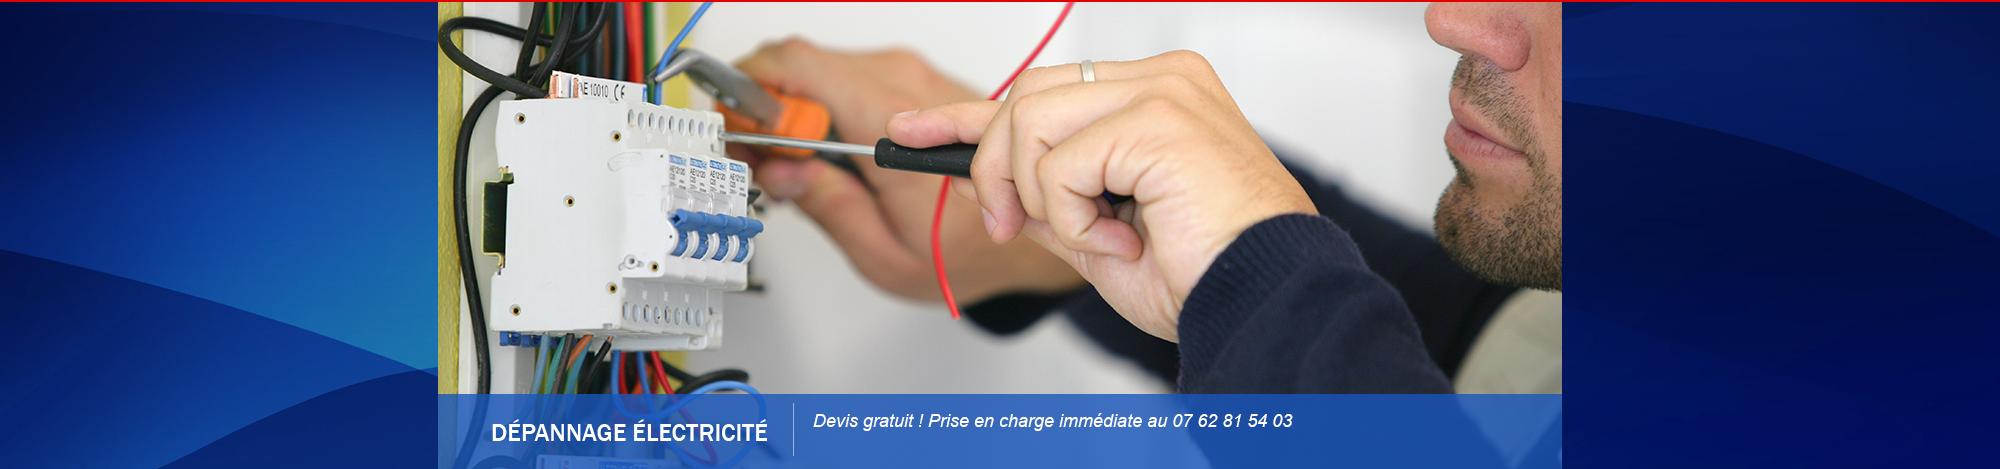 silde-electricite